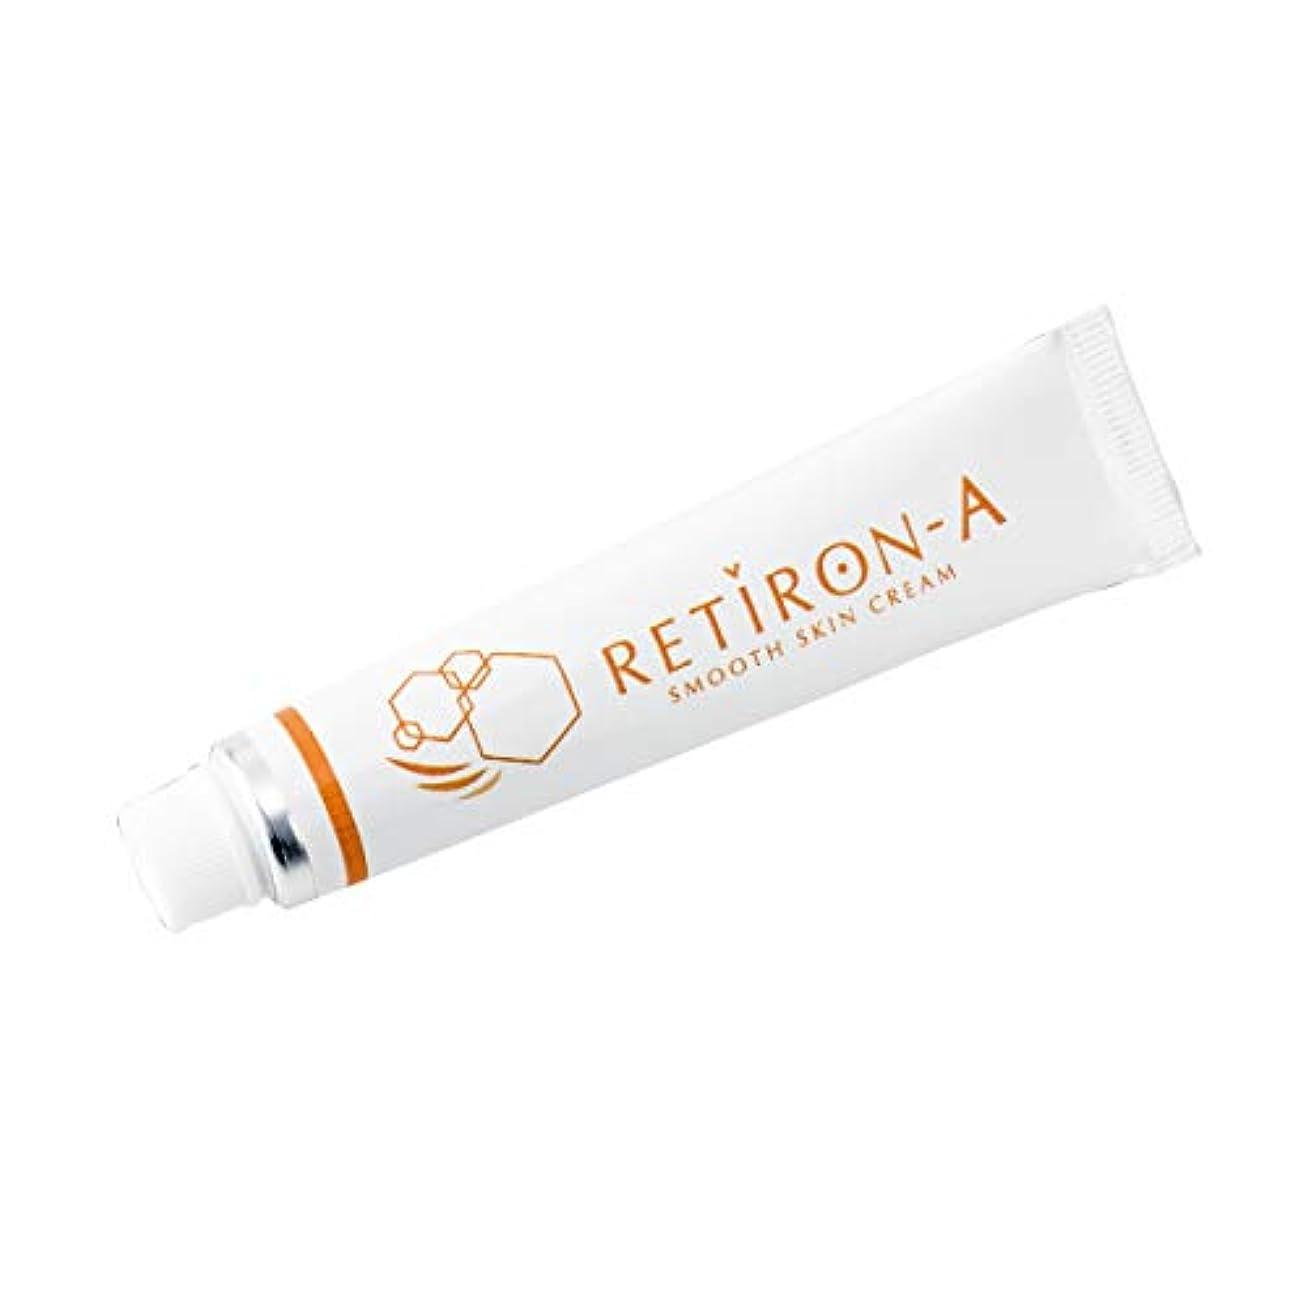 パトロンキャラクター上陸クリーム 化粧品 レチノール配合 レチロンA パラベンフリー